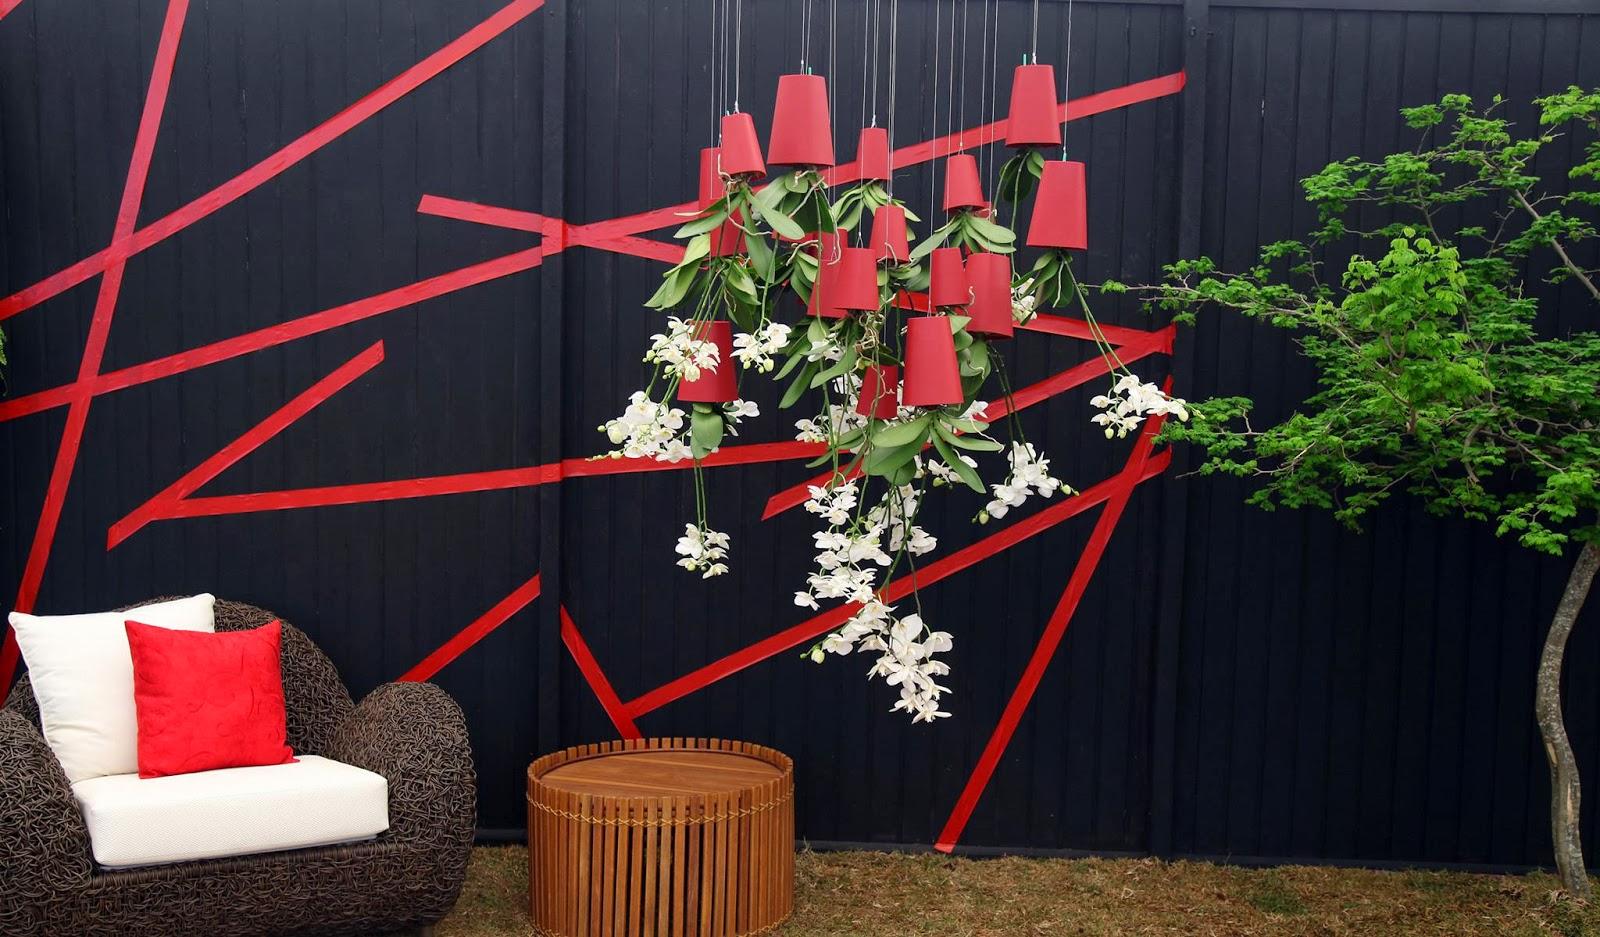 Casa de Maria Organic Design: Vasos Sky Planter #AB2026 1600x937